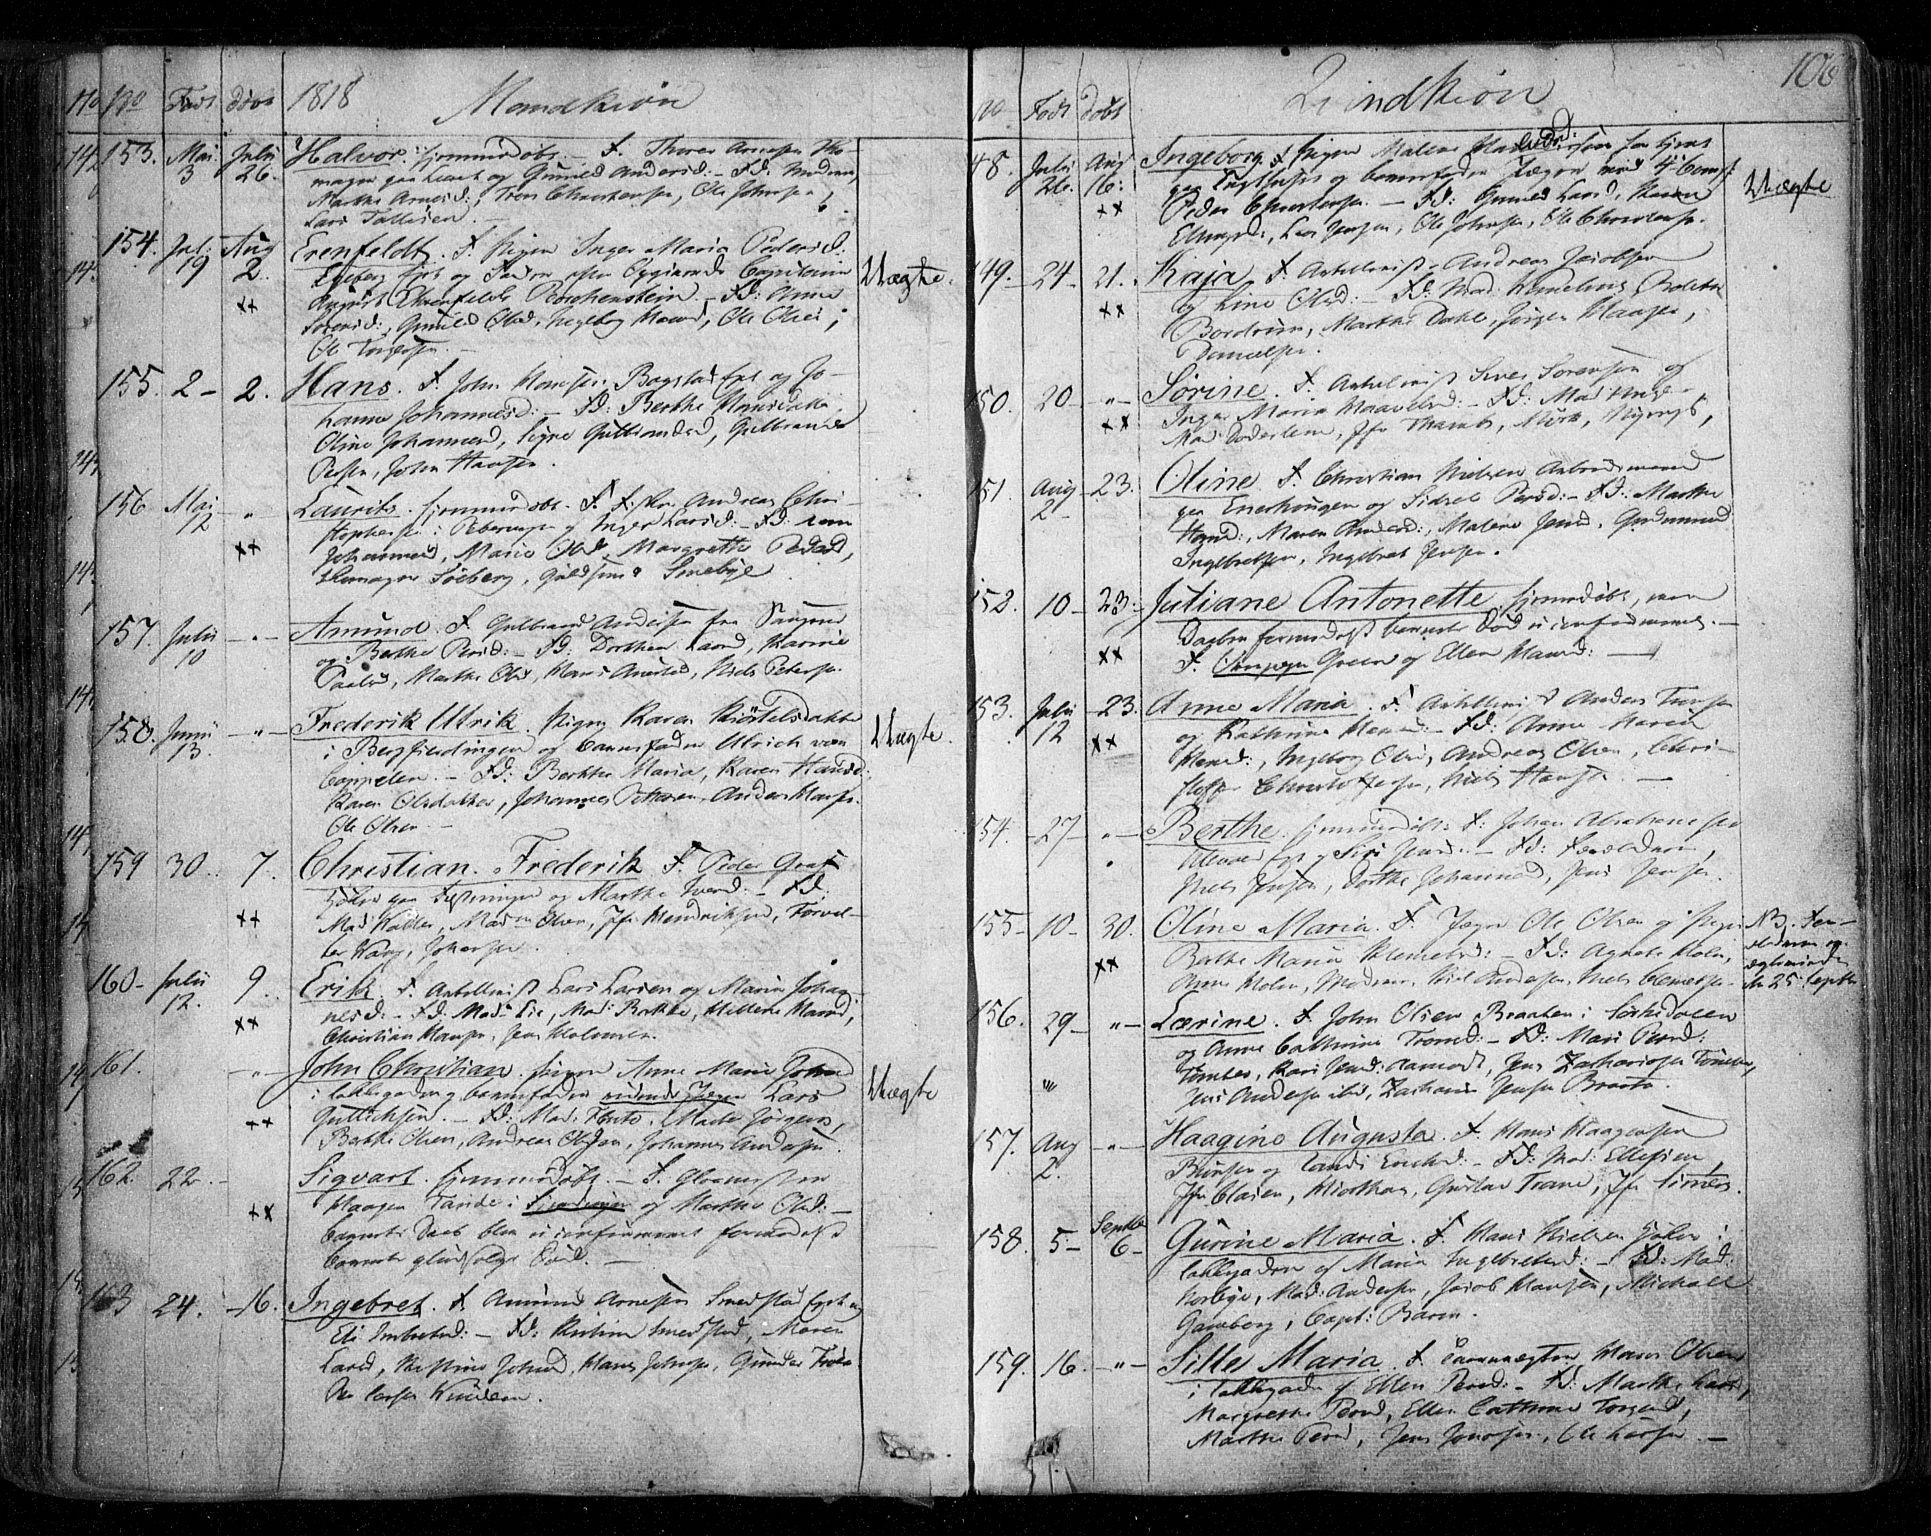 SAO, Aker prestekontor kirkebøker, F/L0011: Ministerialbok nr. 11, 1810-1819, s. 106